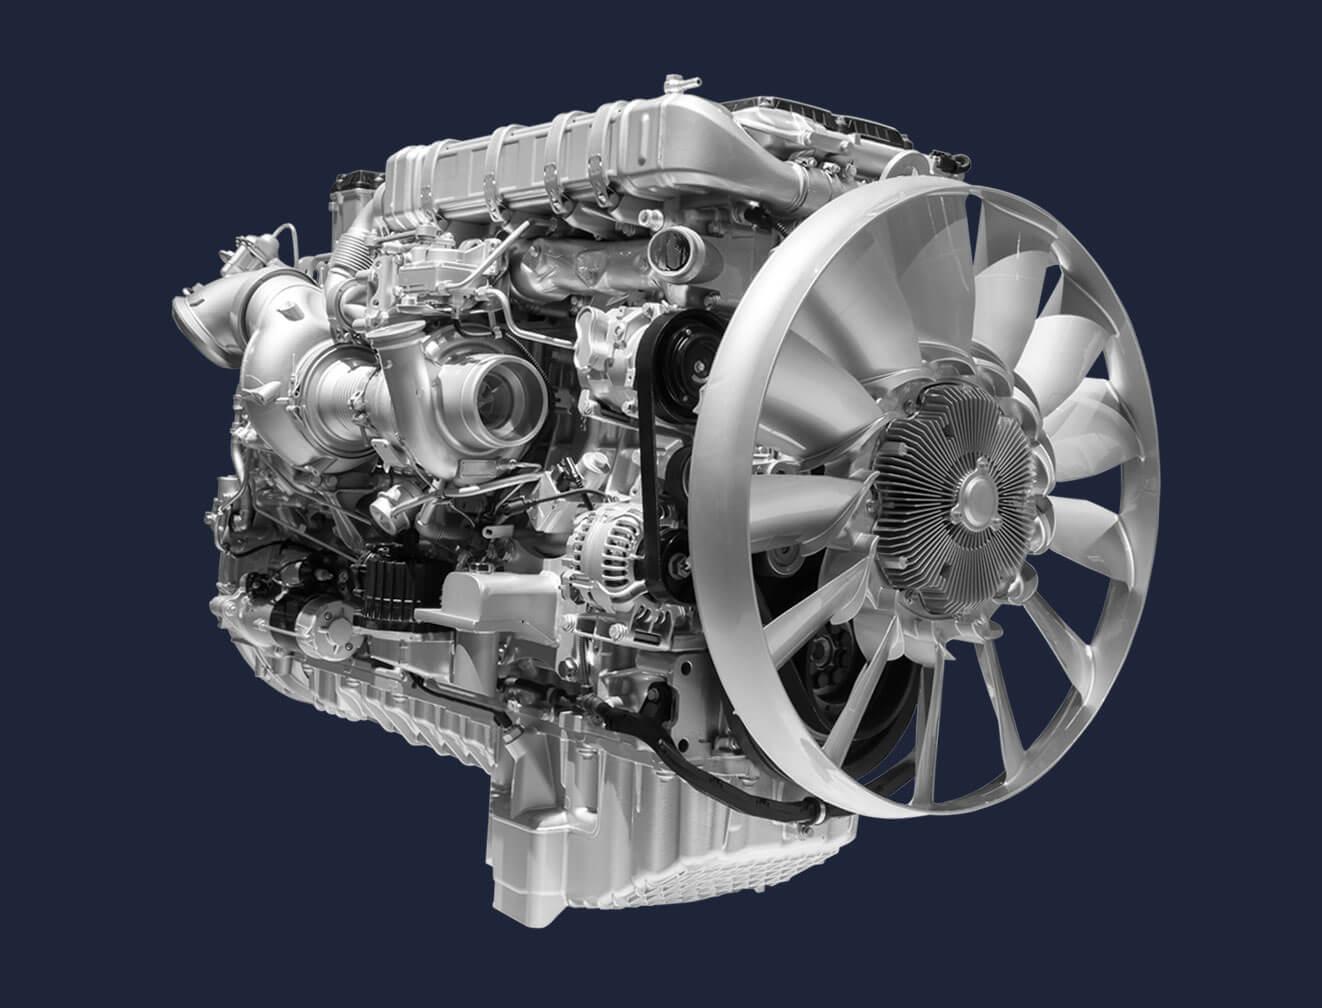 freistellen_bildbearbeitung werkzeug maschinen autoersatzteil motoren blauer HG